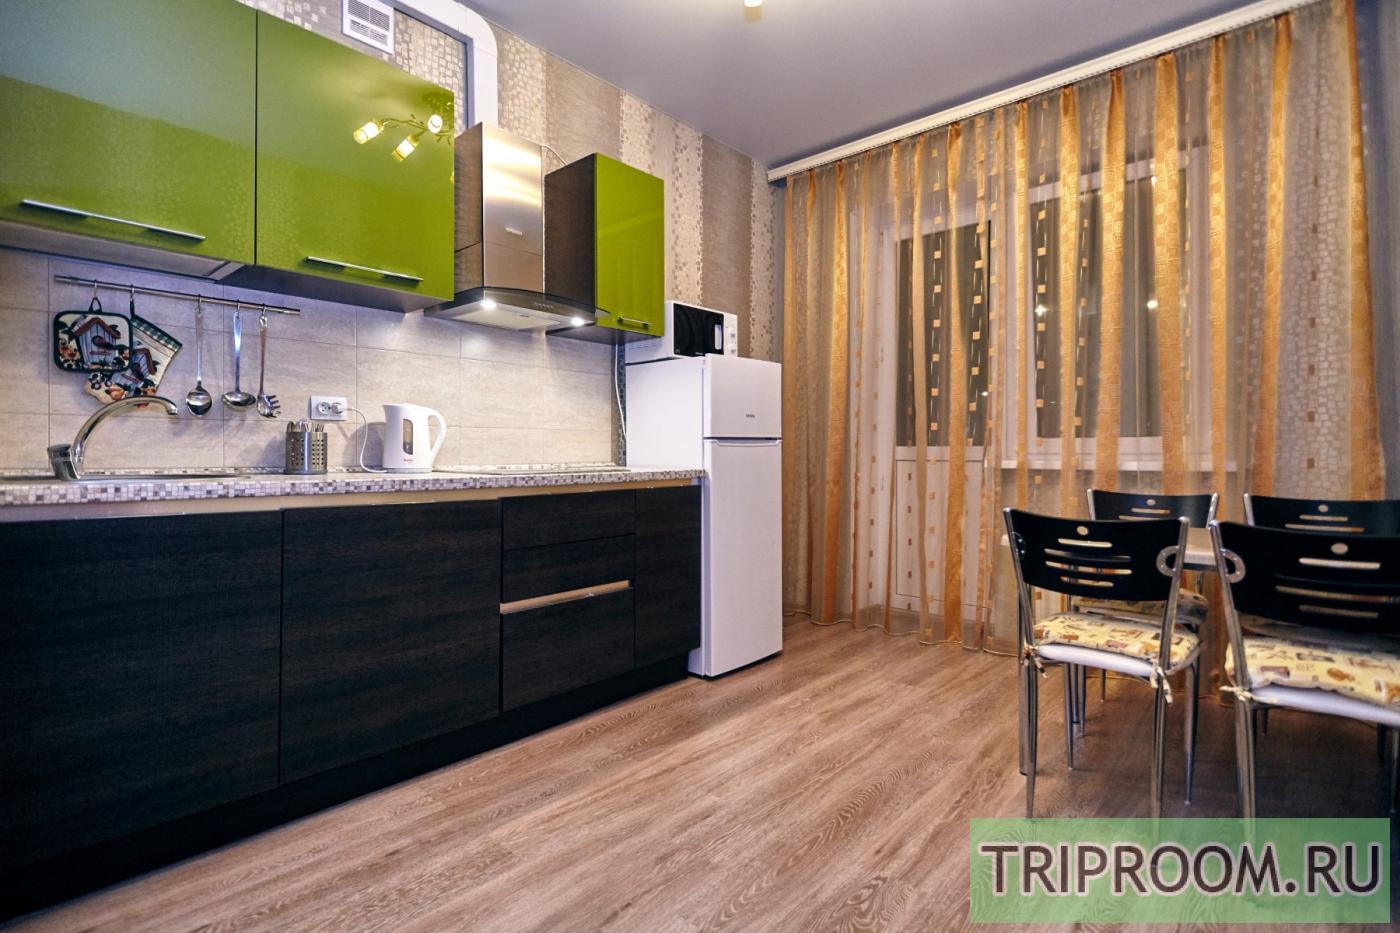 1-комнатная квартира посуточно (вариант № 6859), ул. Кореновская улица, фото № 4